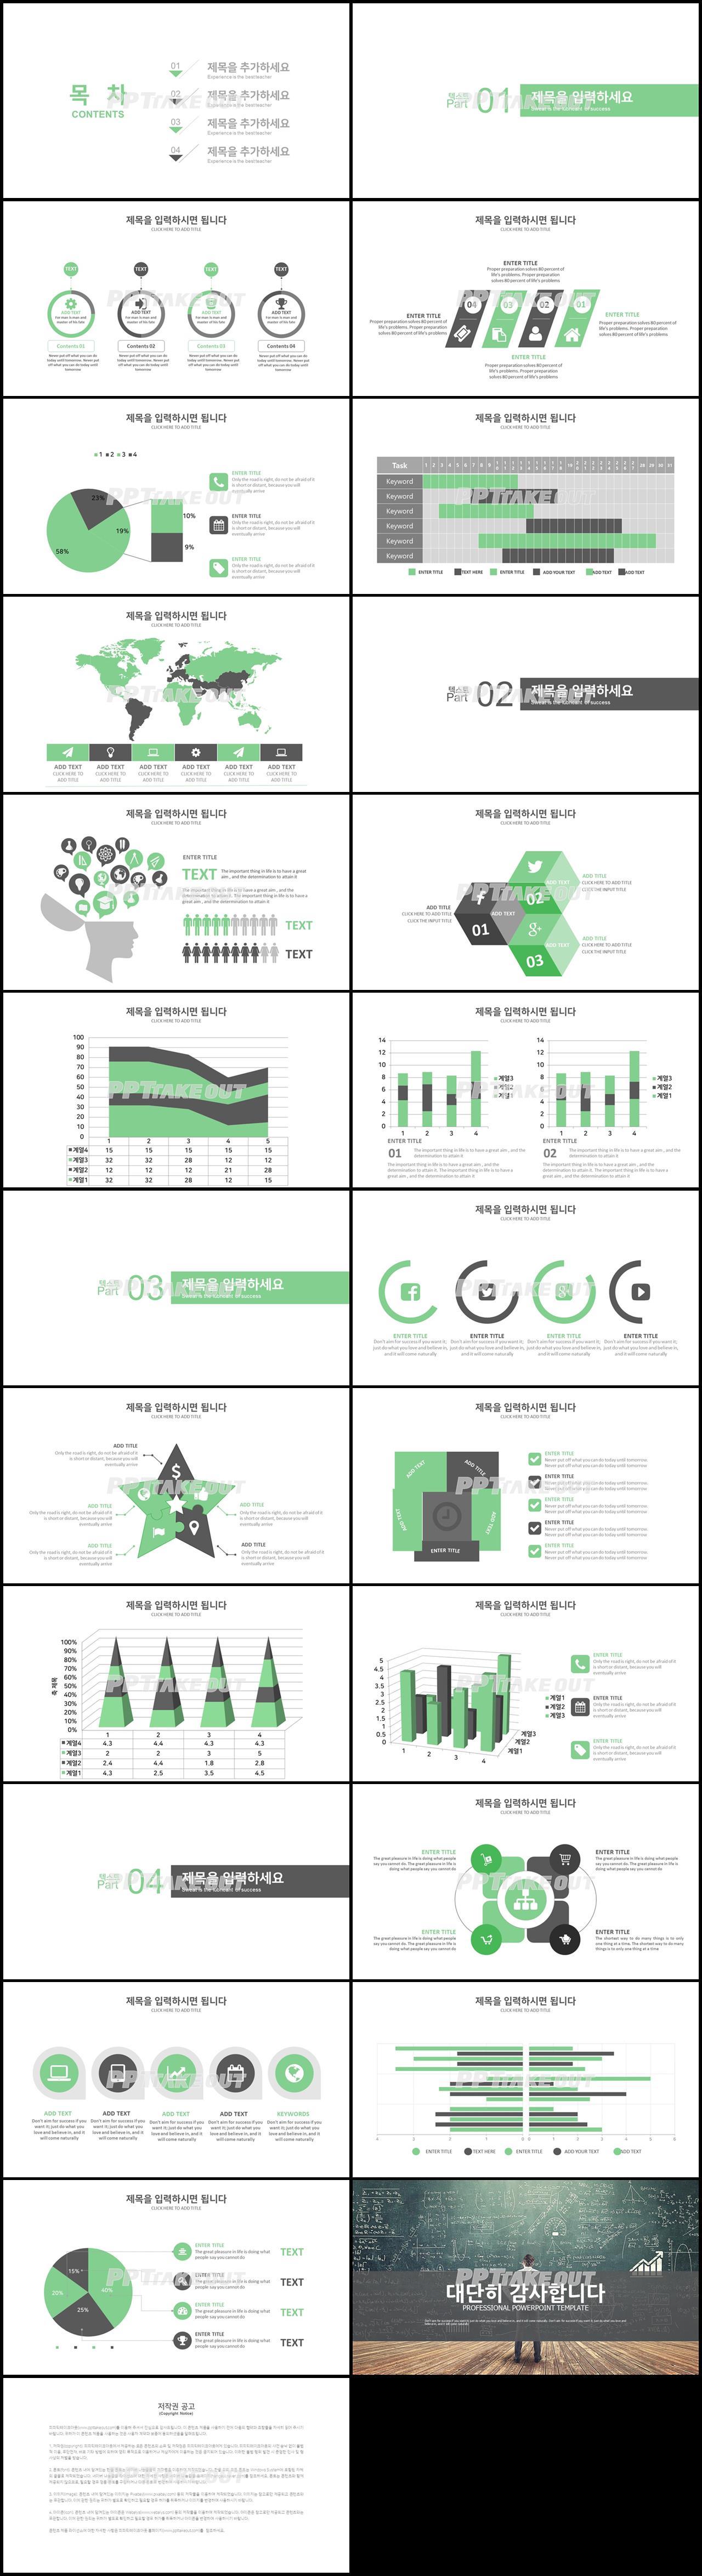 연구계획서 초록색 단순한 고급스럽운 POWERPOINT배경 사이트 상세보기